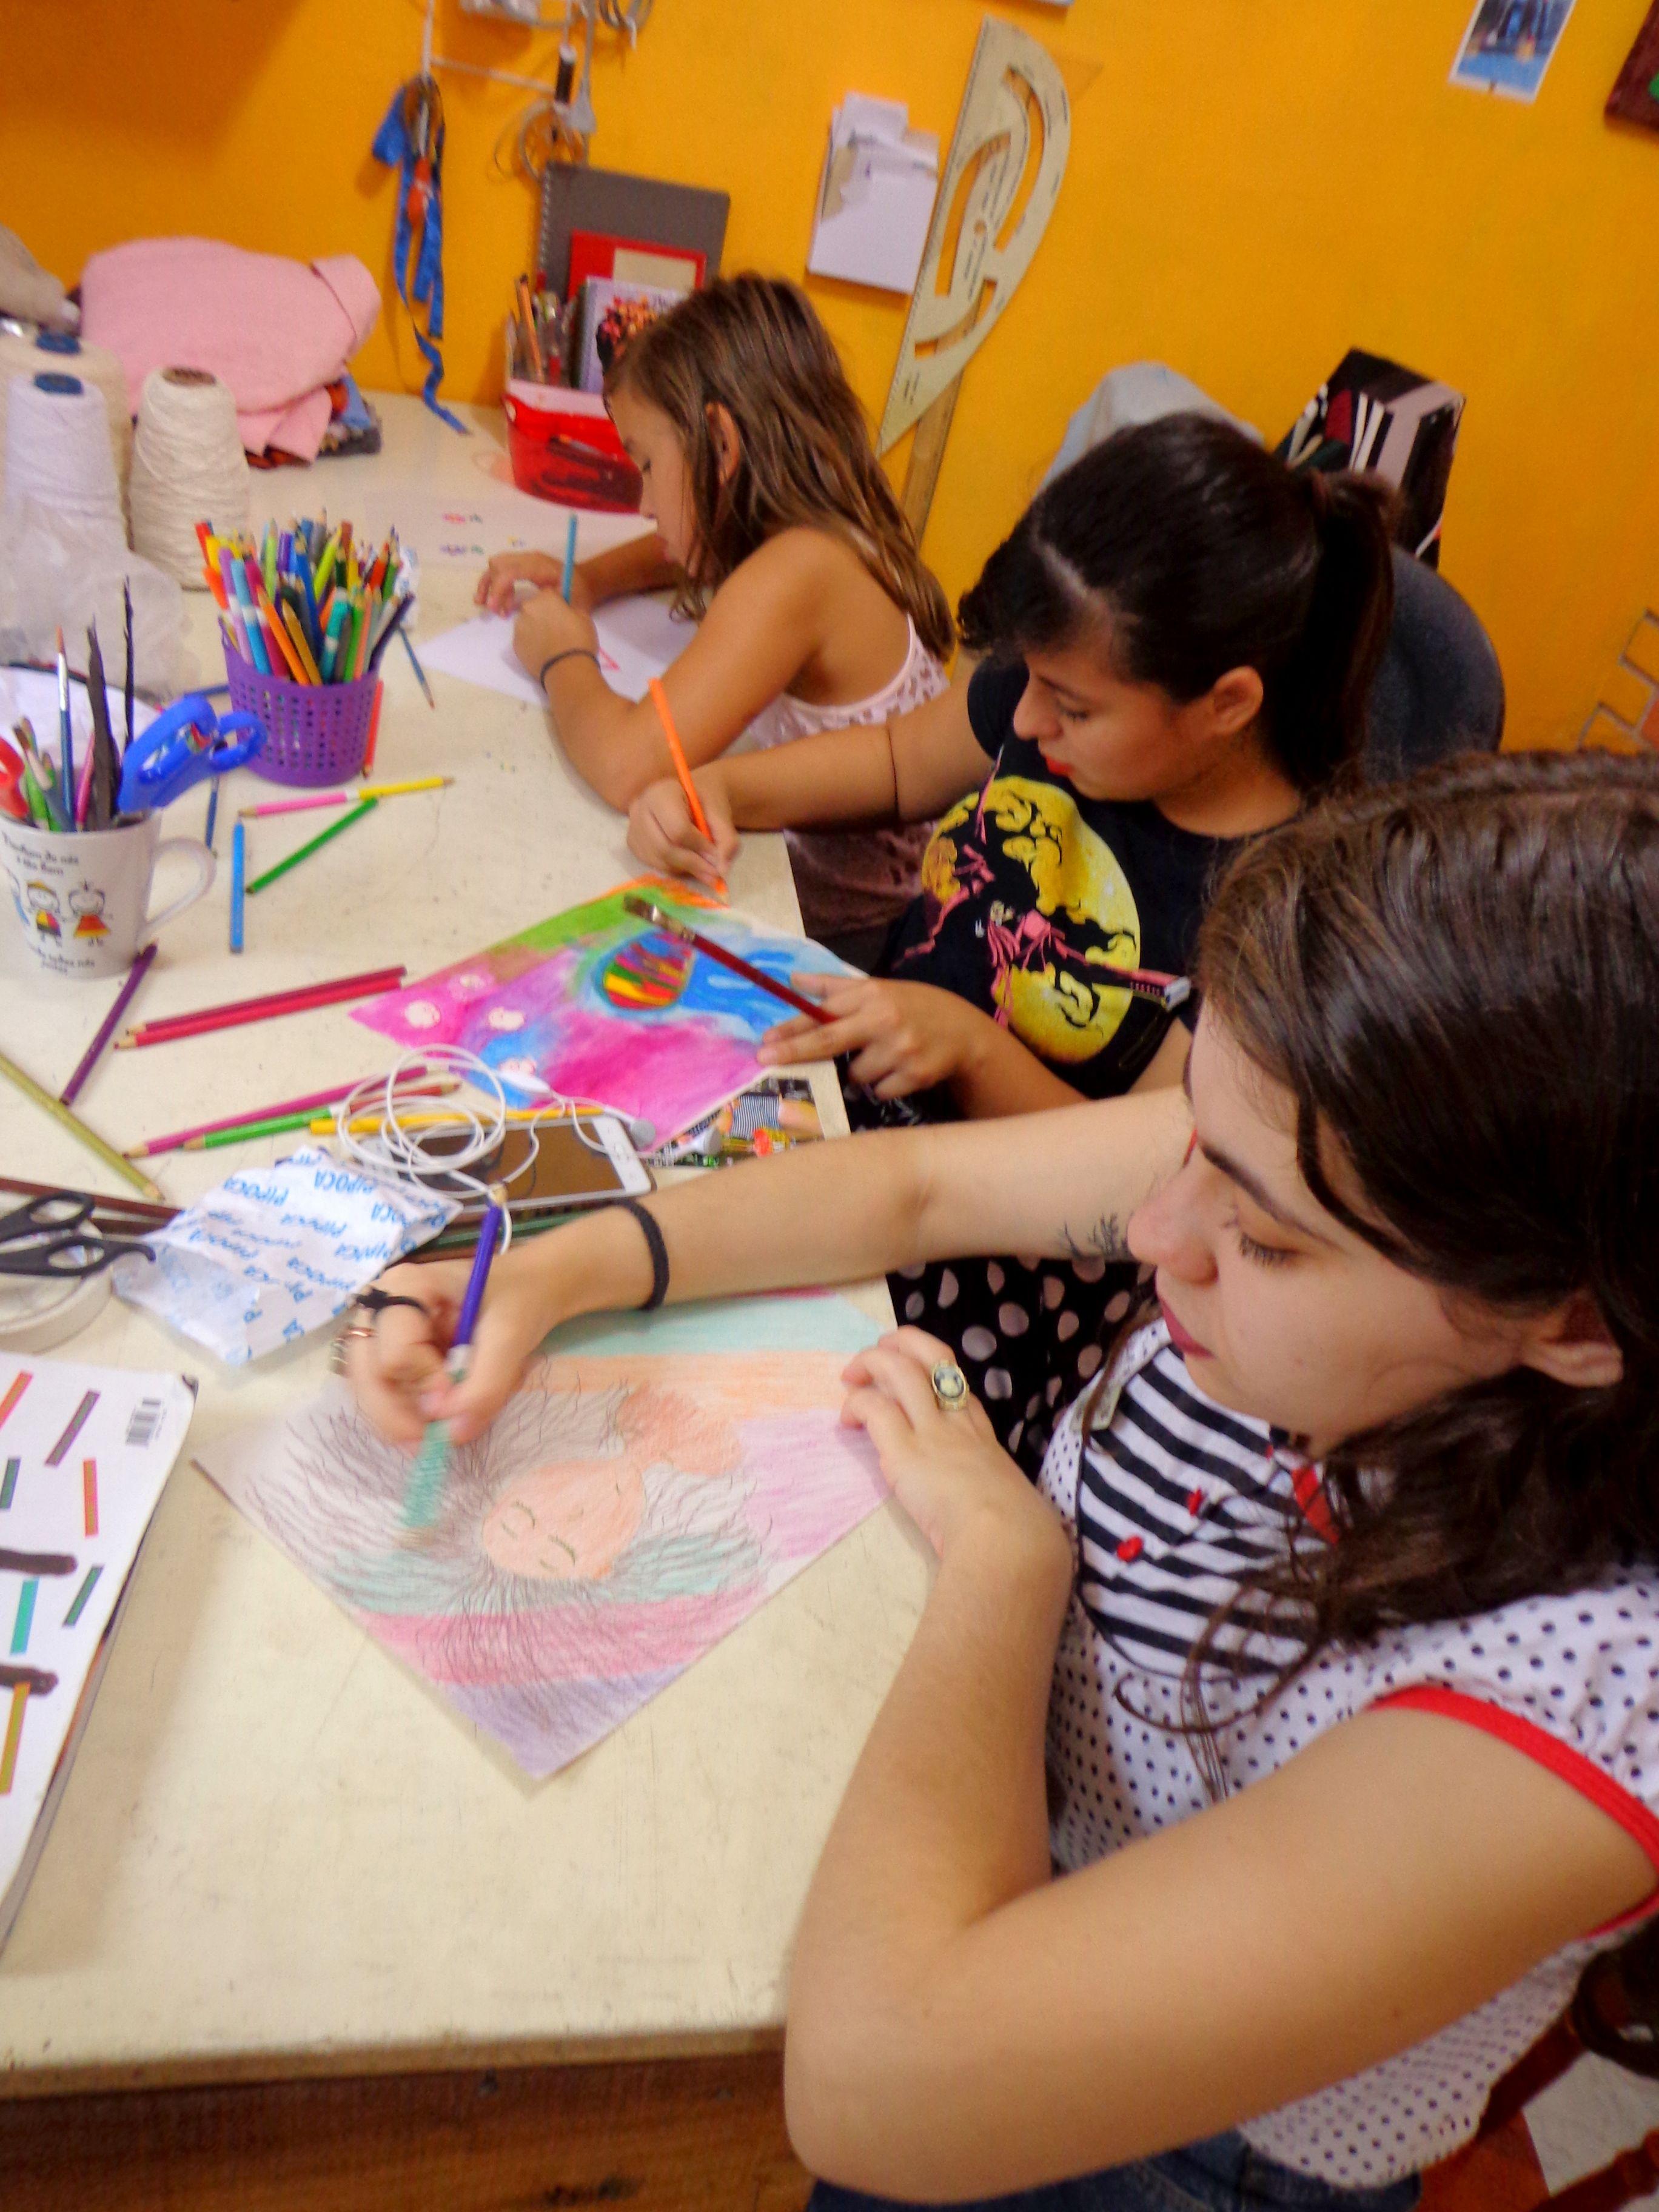 BAZARcoletivo1 #BAZARCOLETIVO1 #economiaCriativa #economiaSolidaria #economiadoCompartilhamento